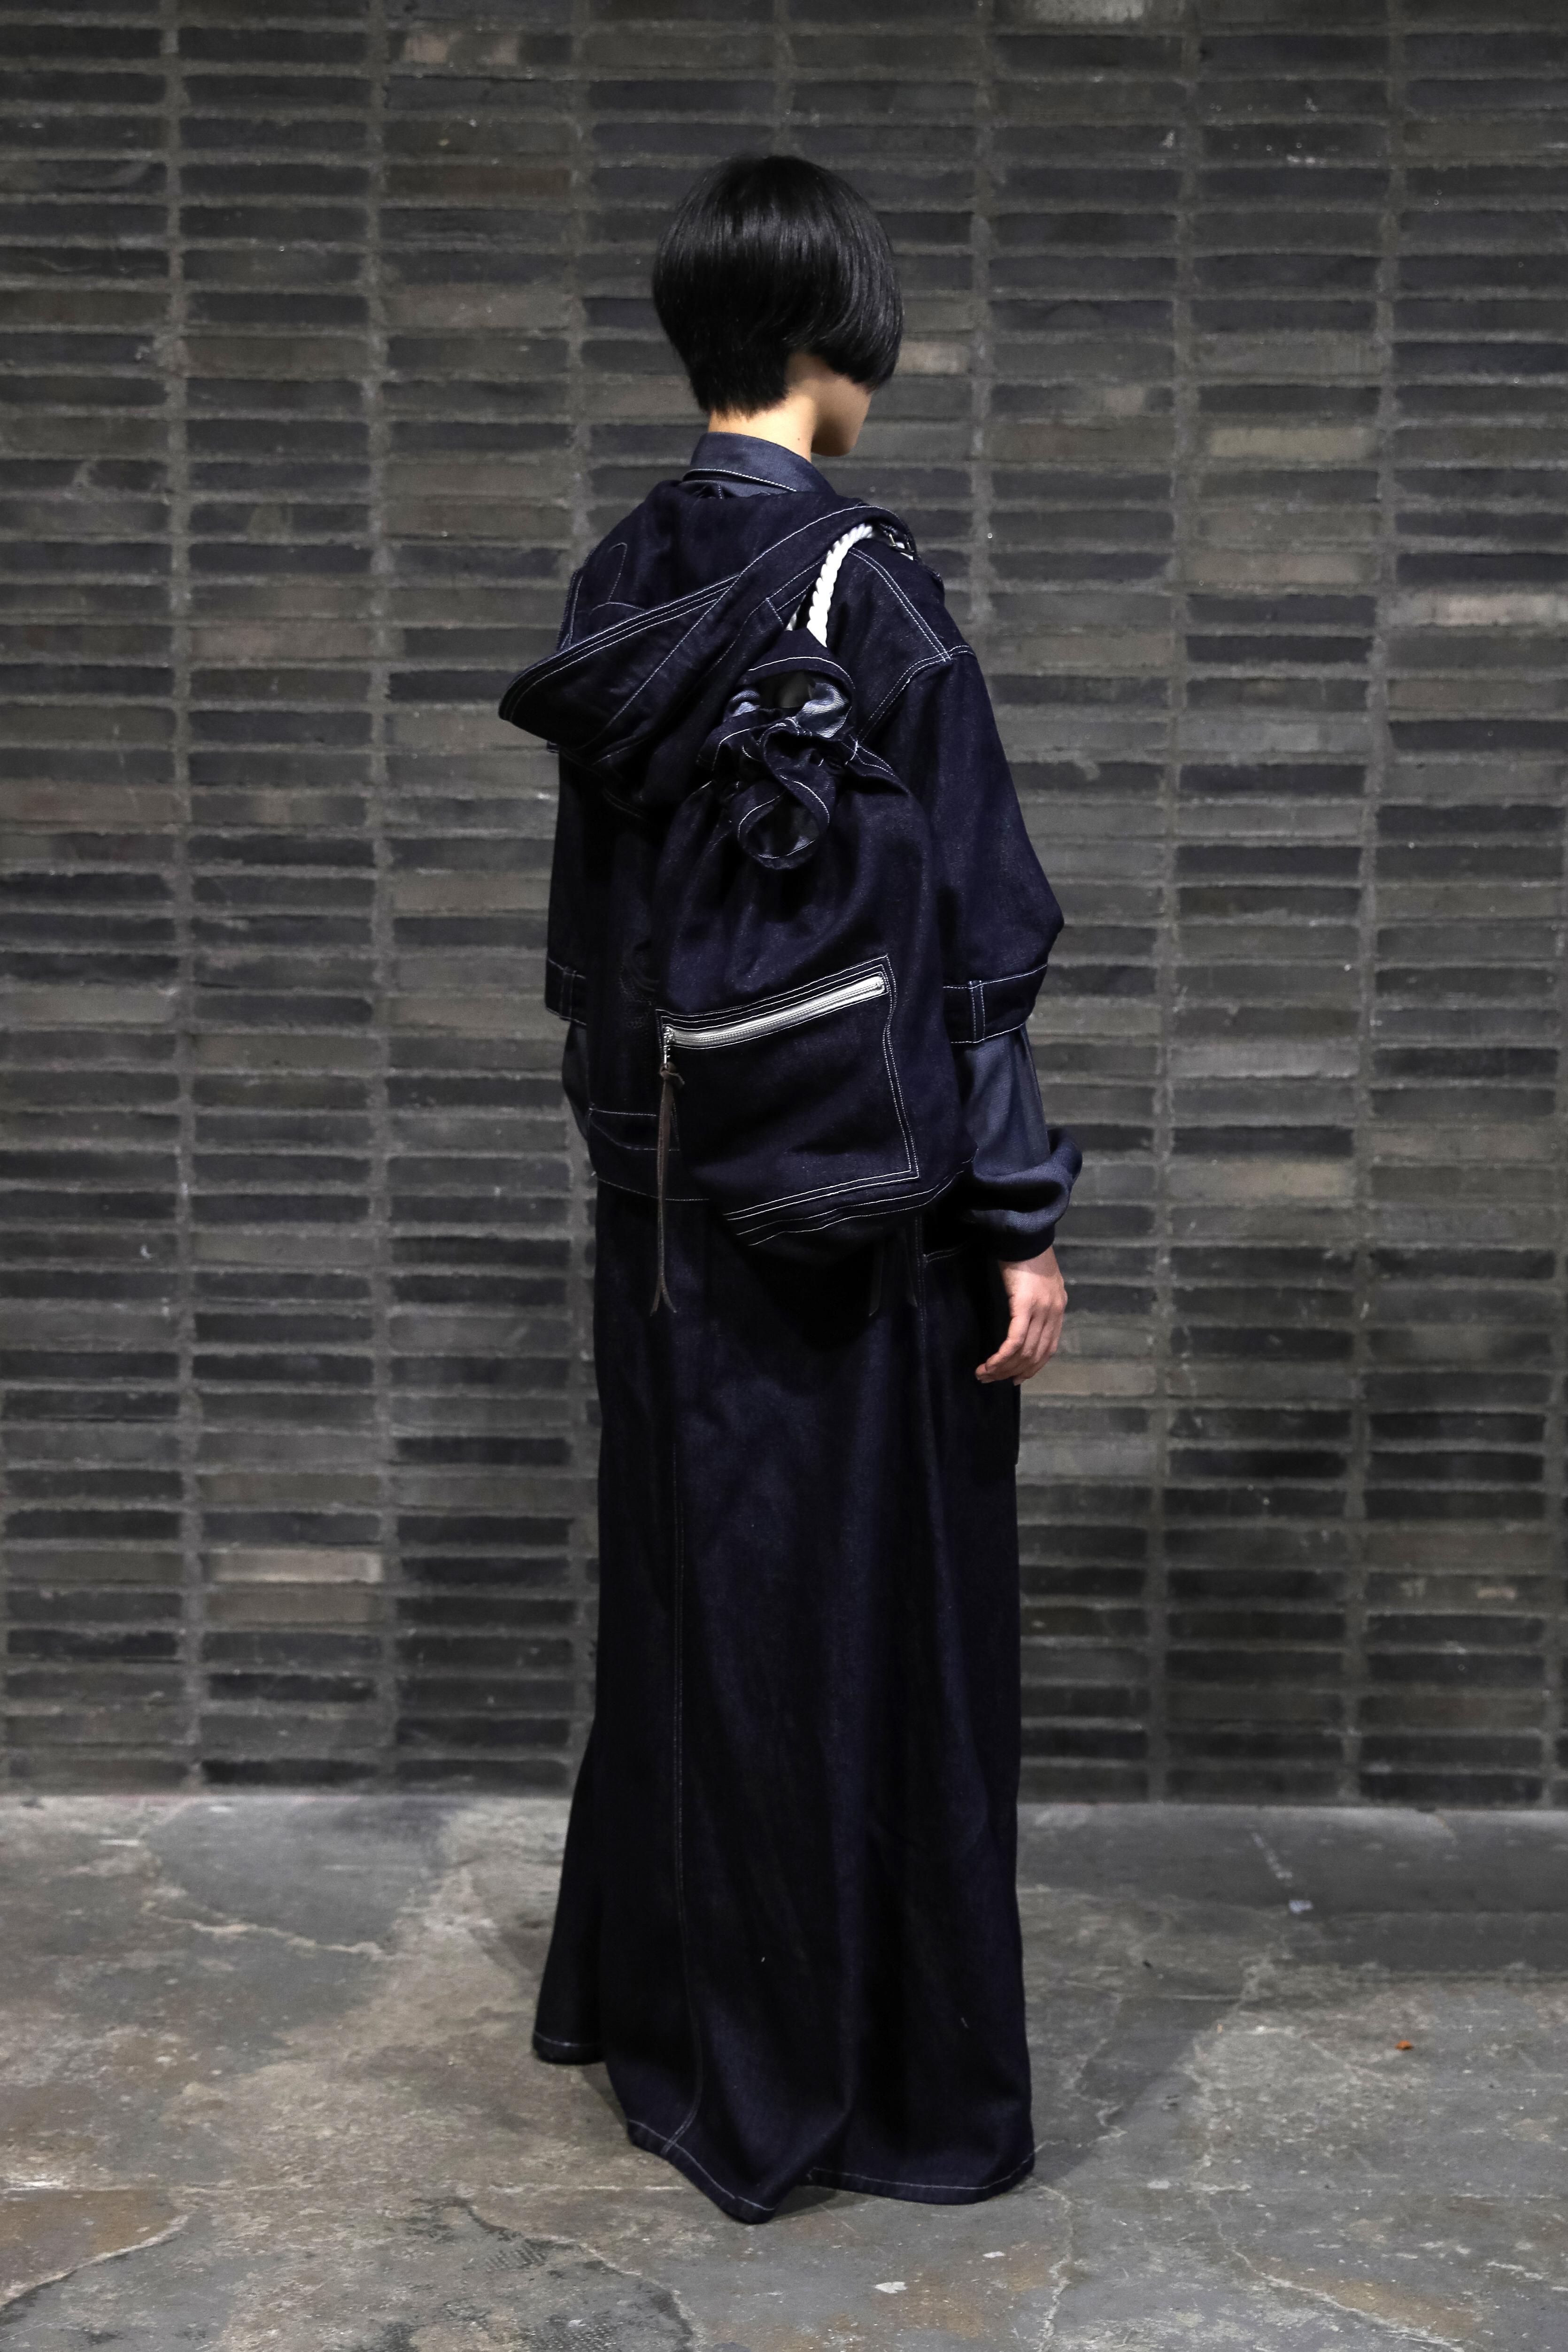 Emi Harashima from Bunka Fashion College -